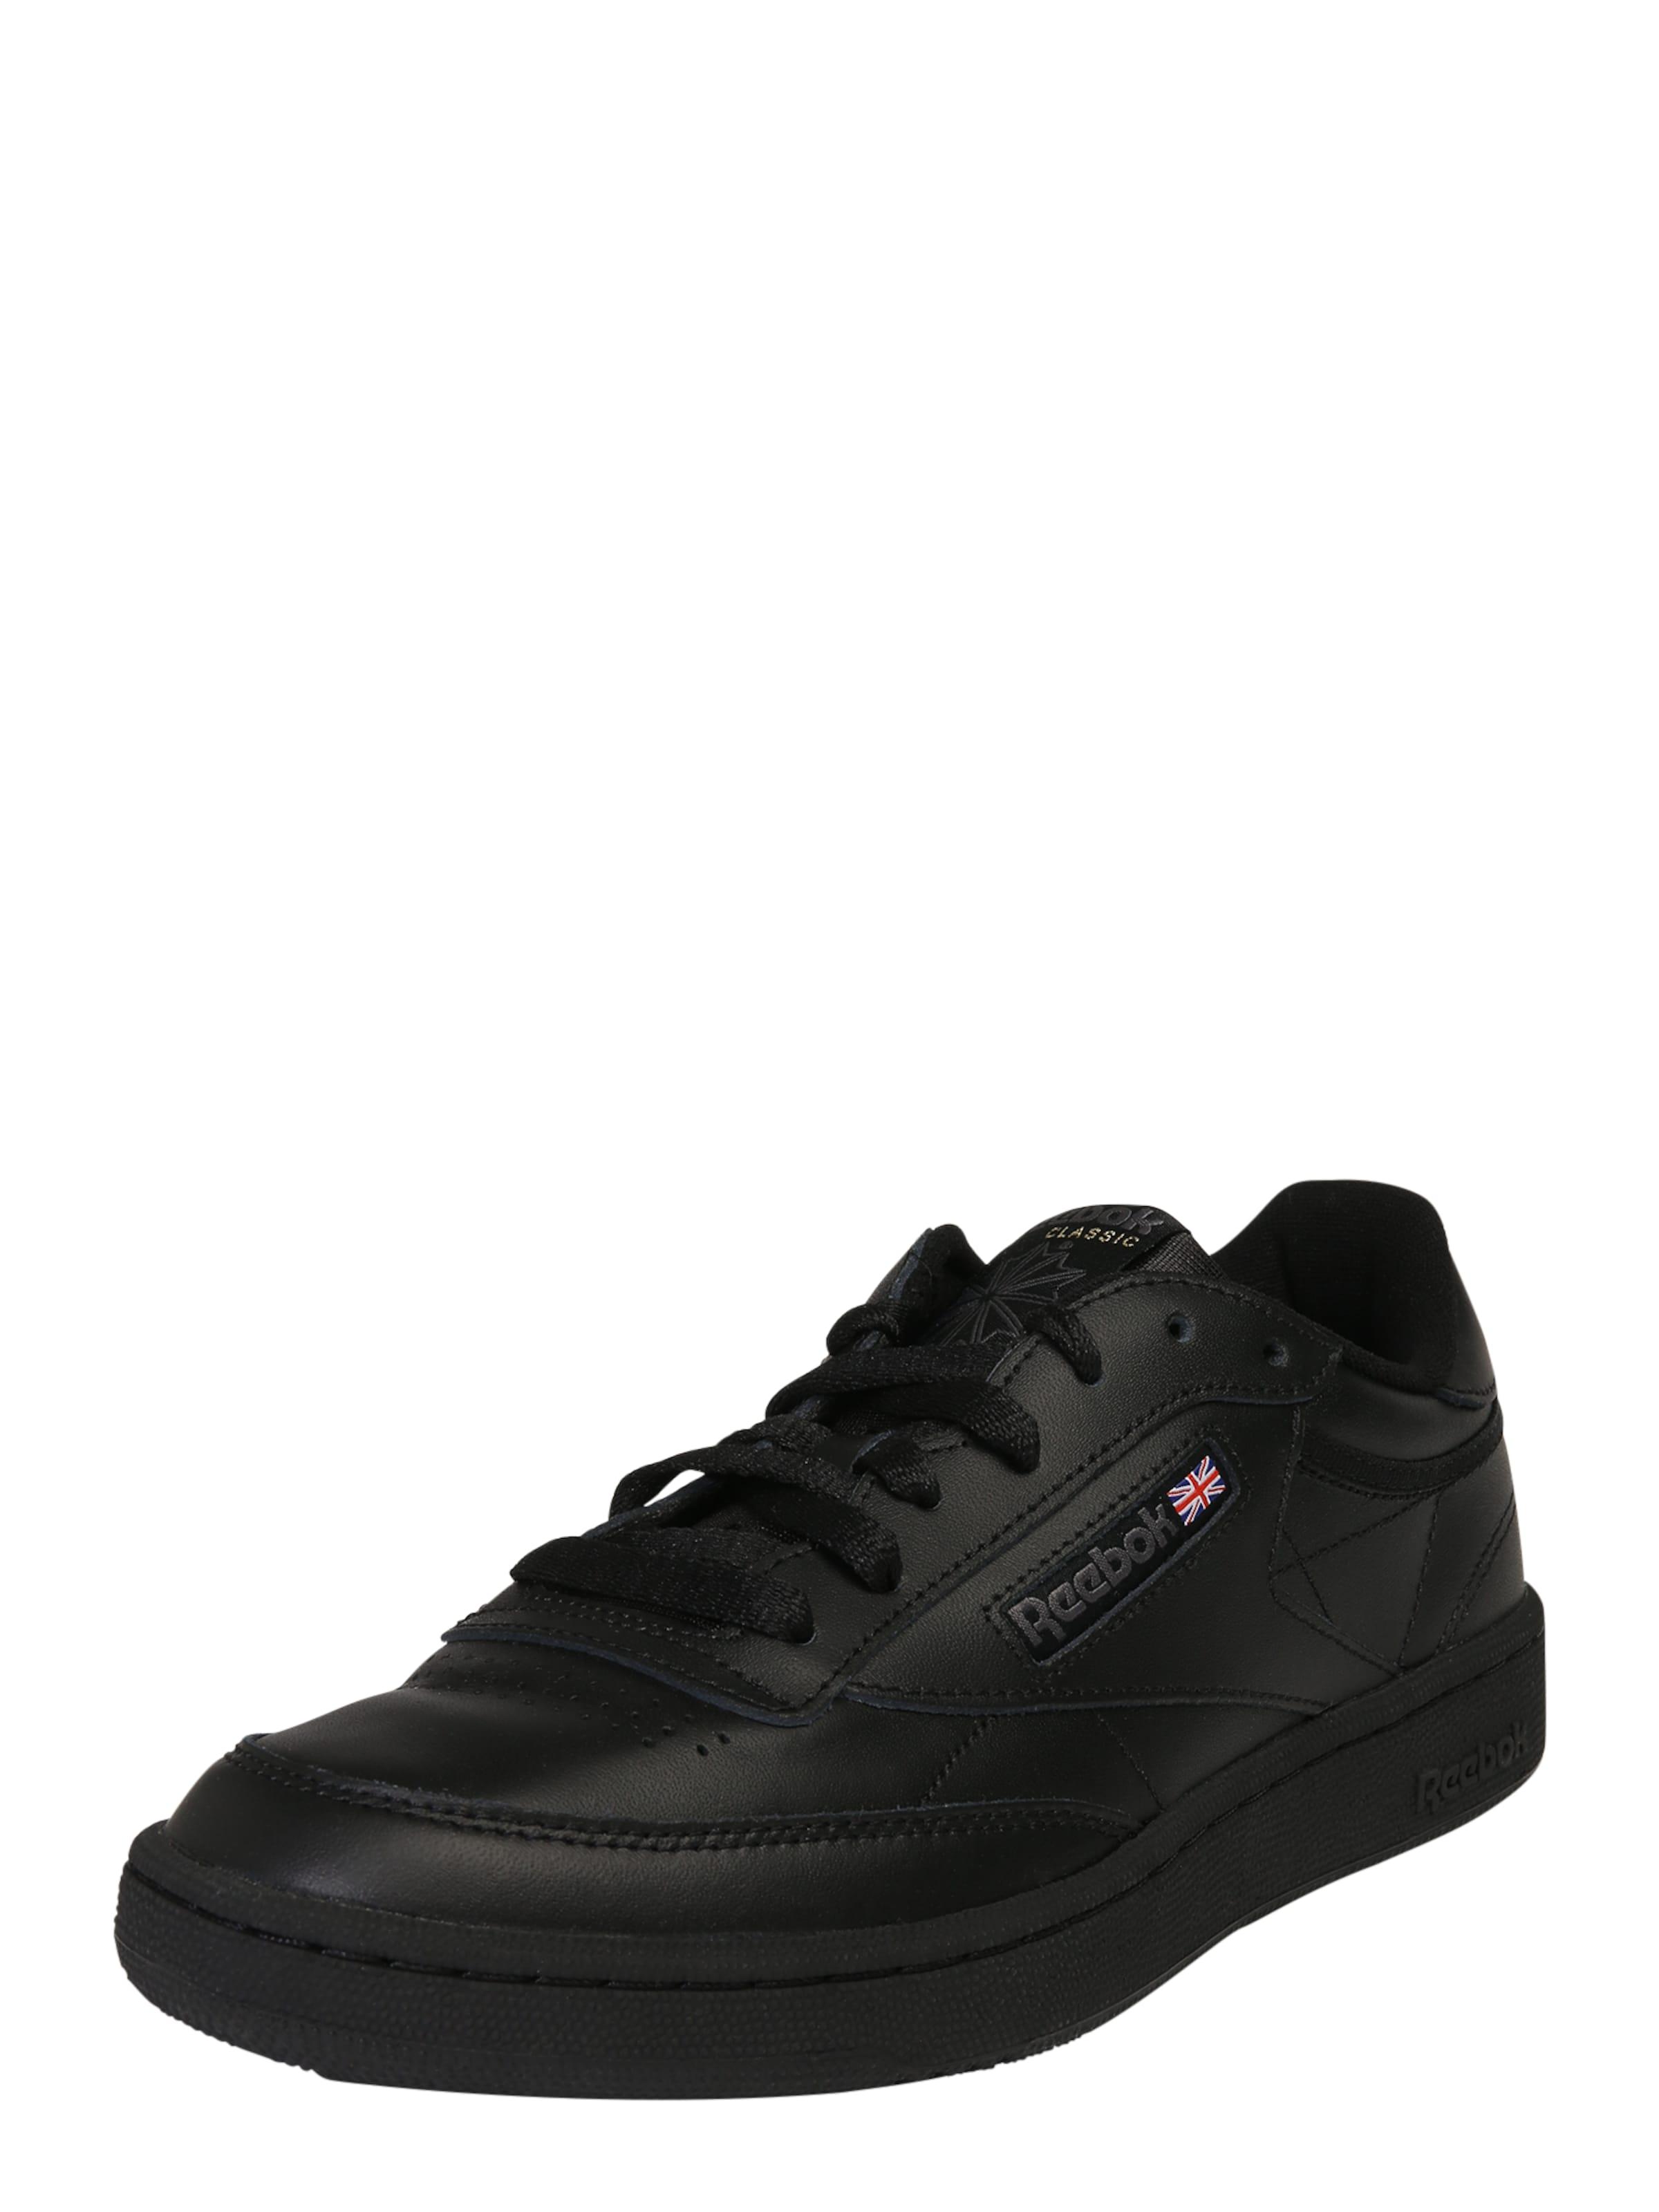 Schwarz 'club Sneaker C Reebok 85' In Classic FJulKc31T